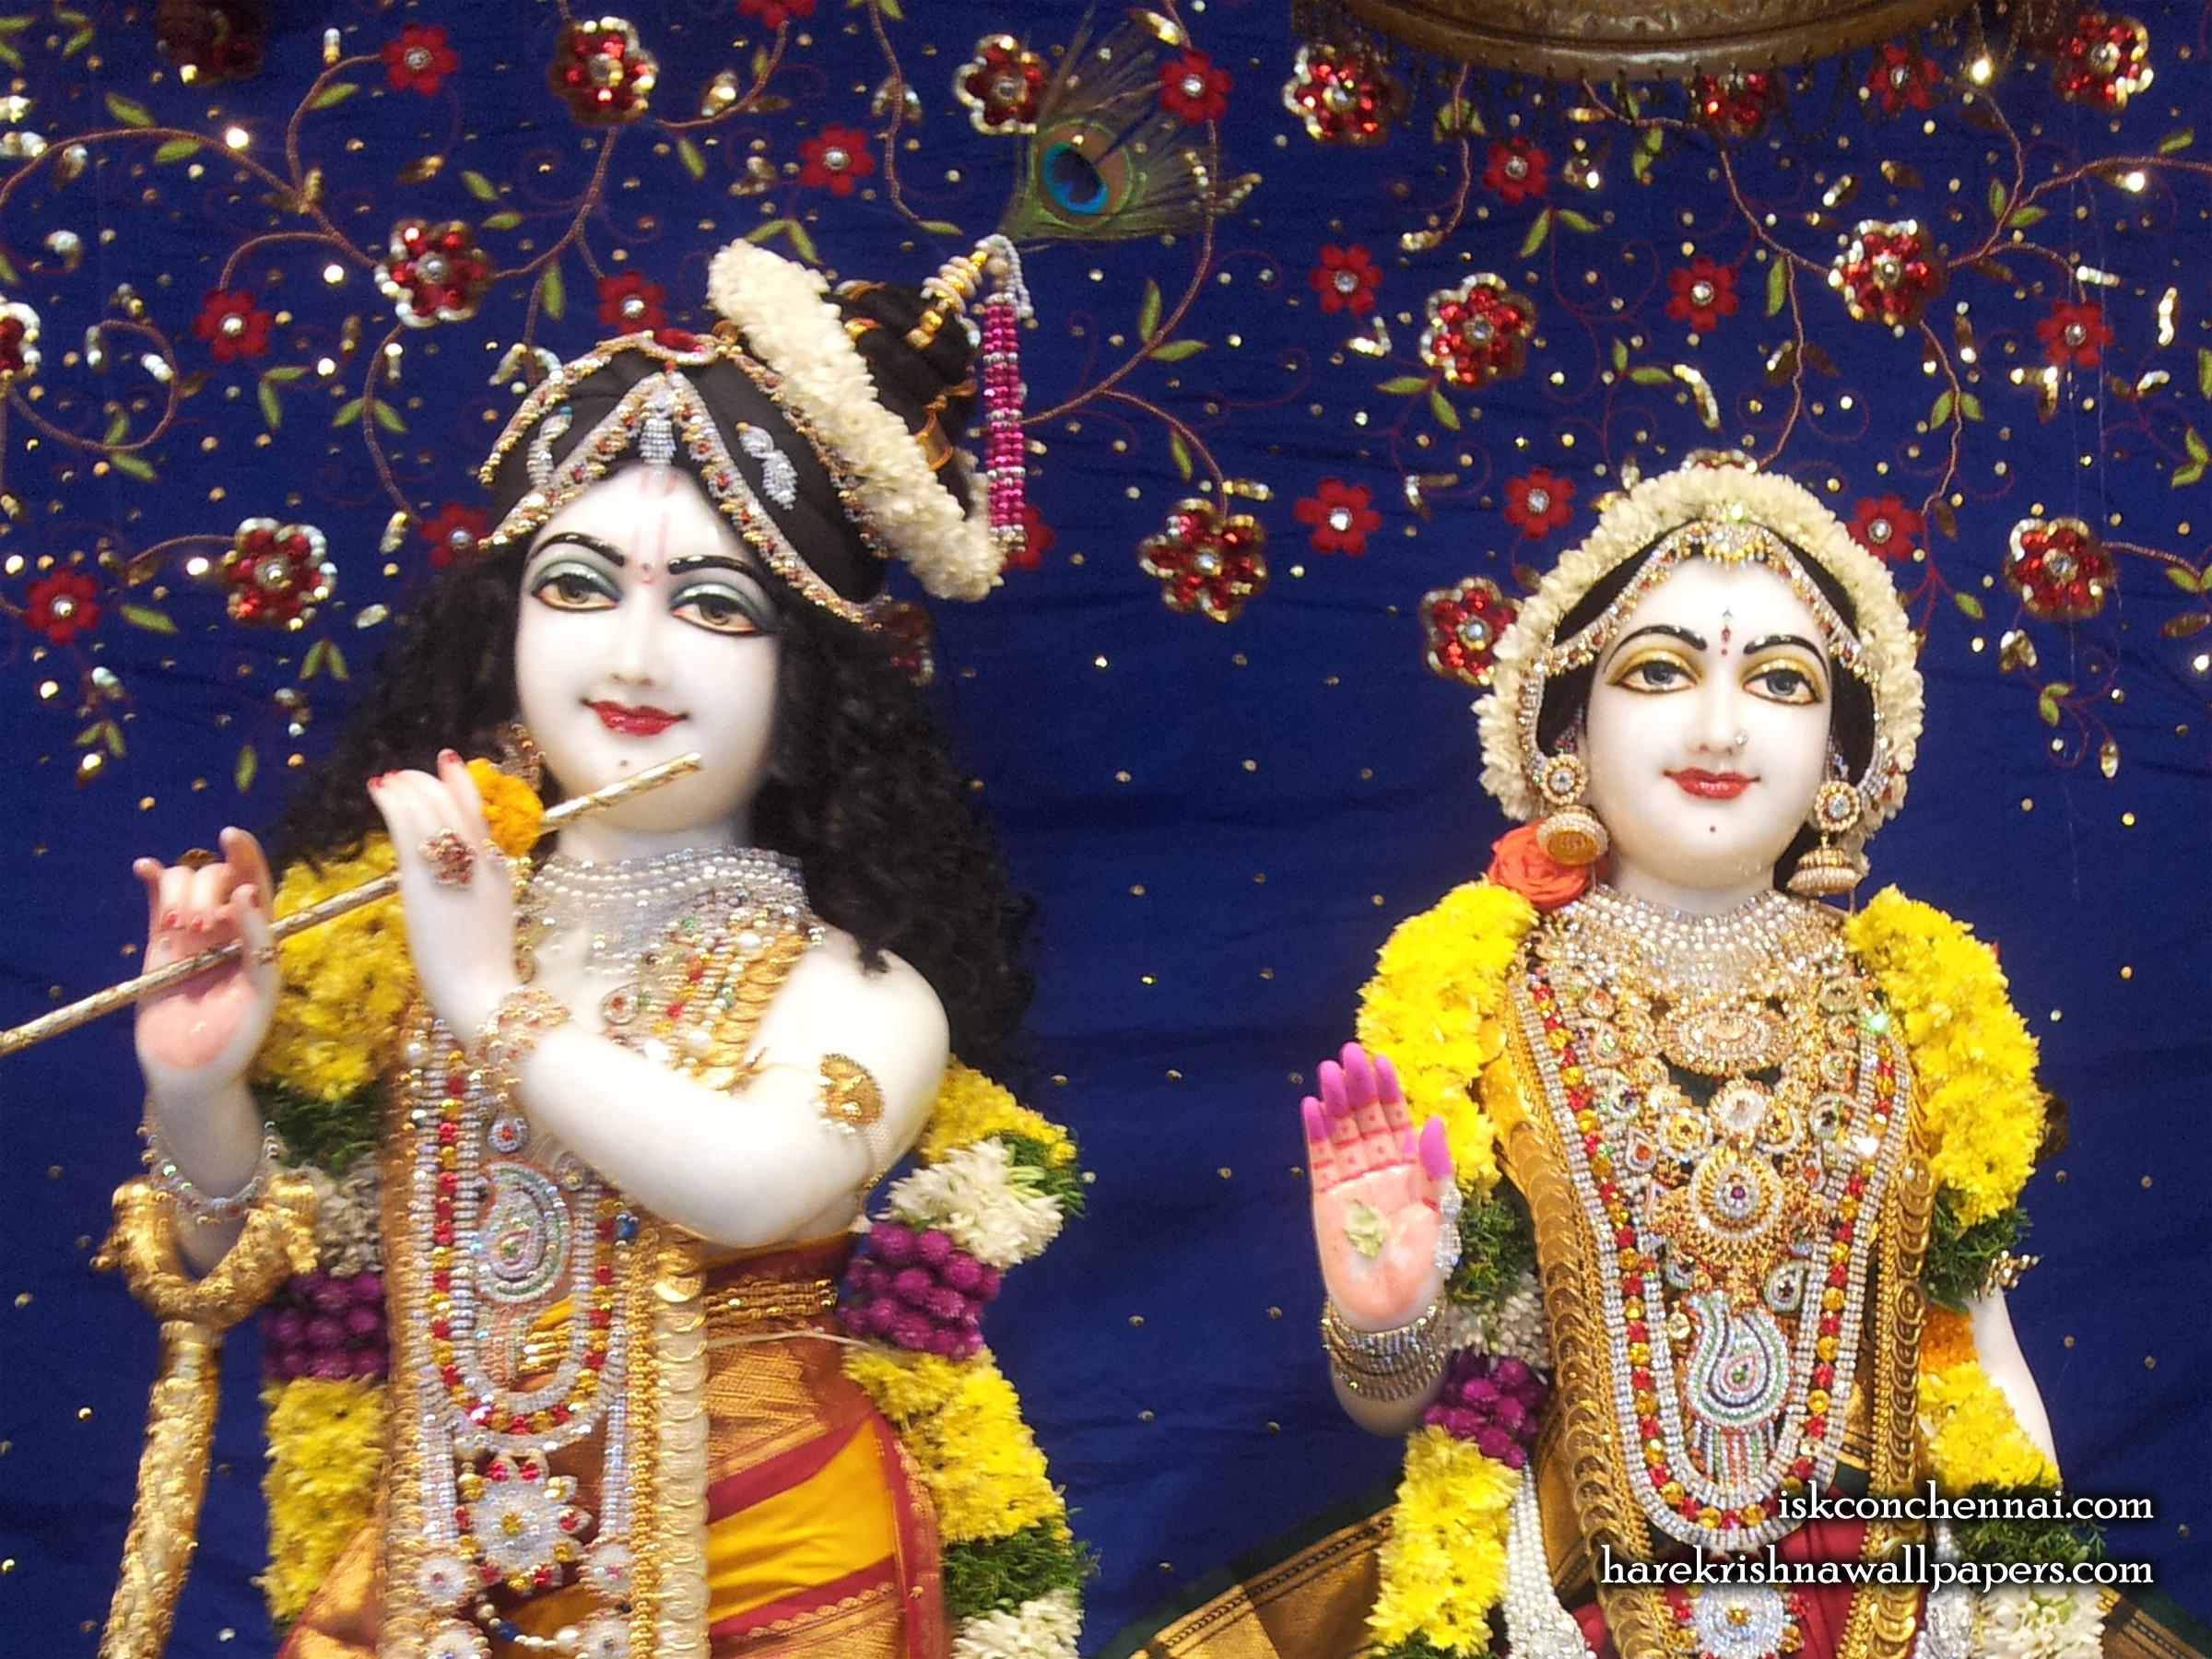 Sri Sri Radha Krishna Close up Wallpaper (002) Size 2400x1800 Download